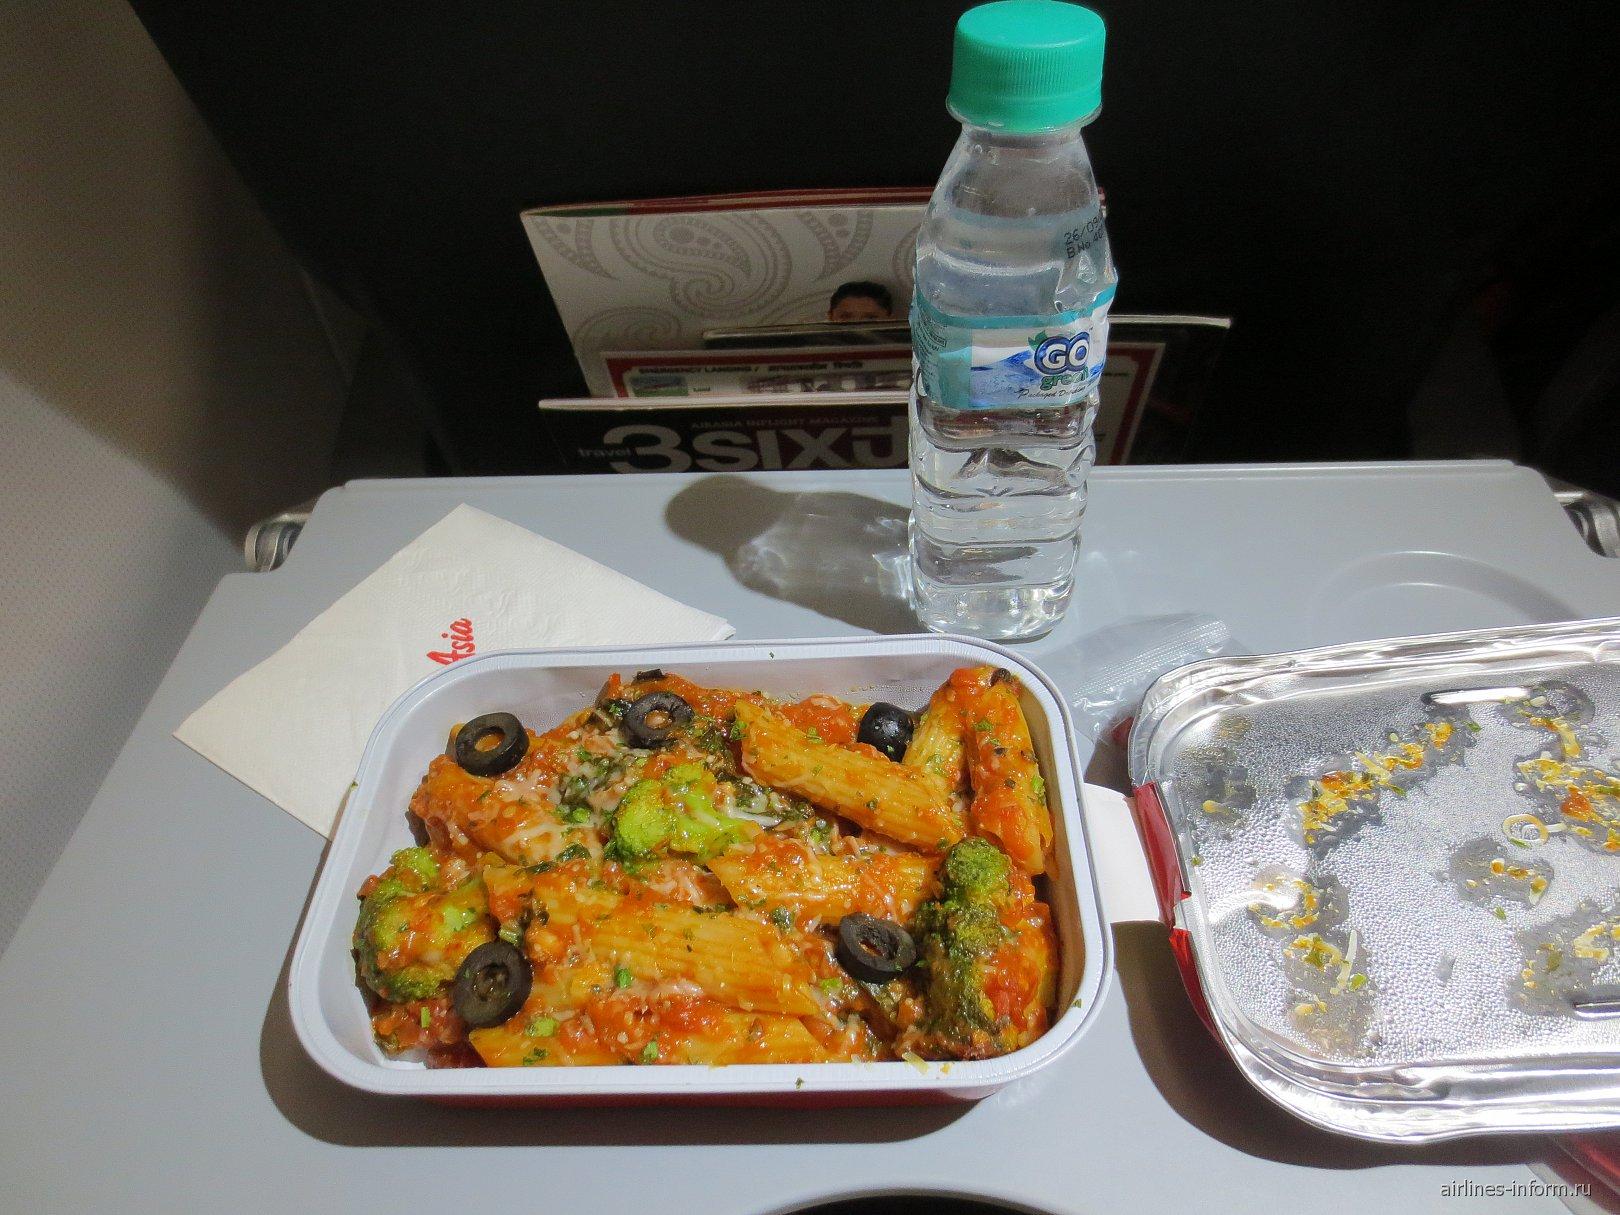 Платный ужин на рейсе Дели-Гоа авиакомпании AirAsia